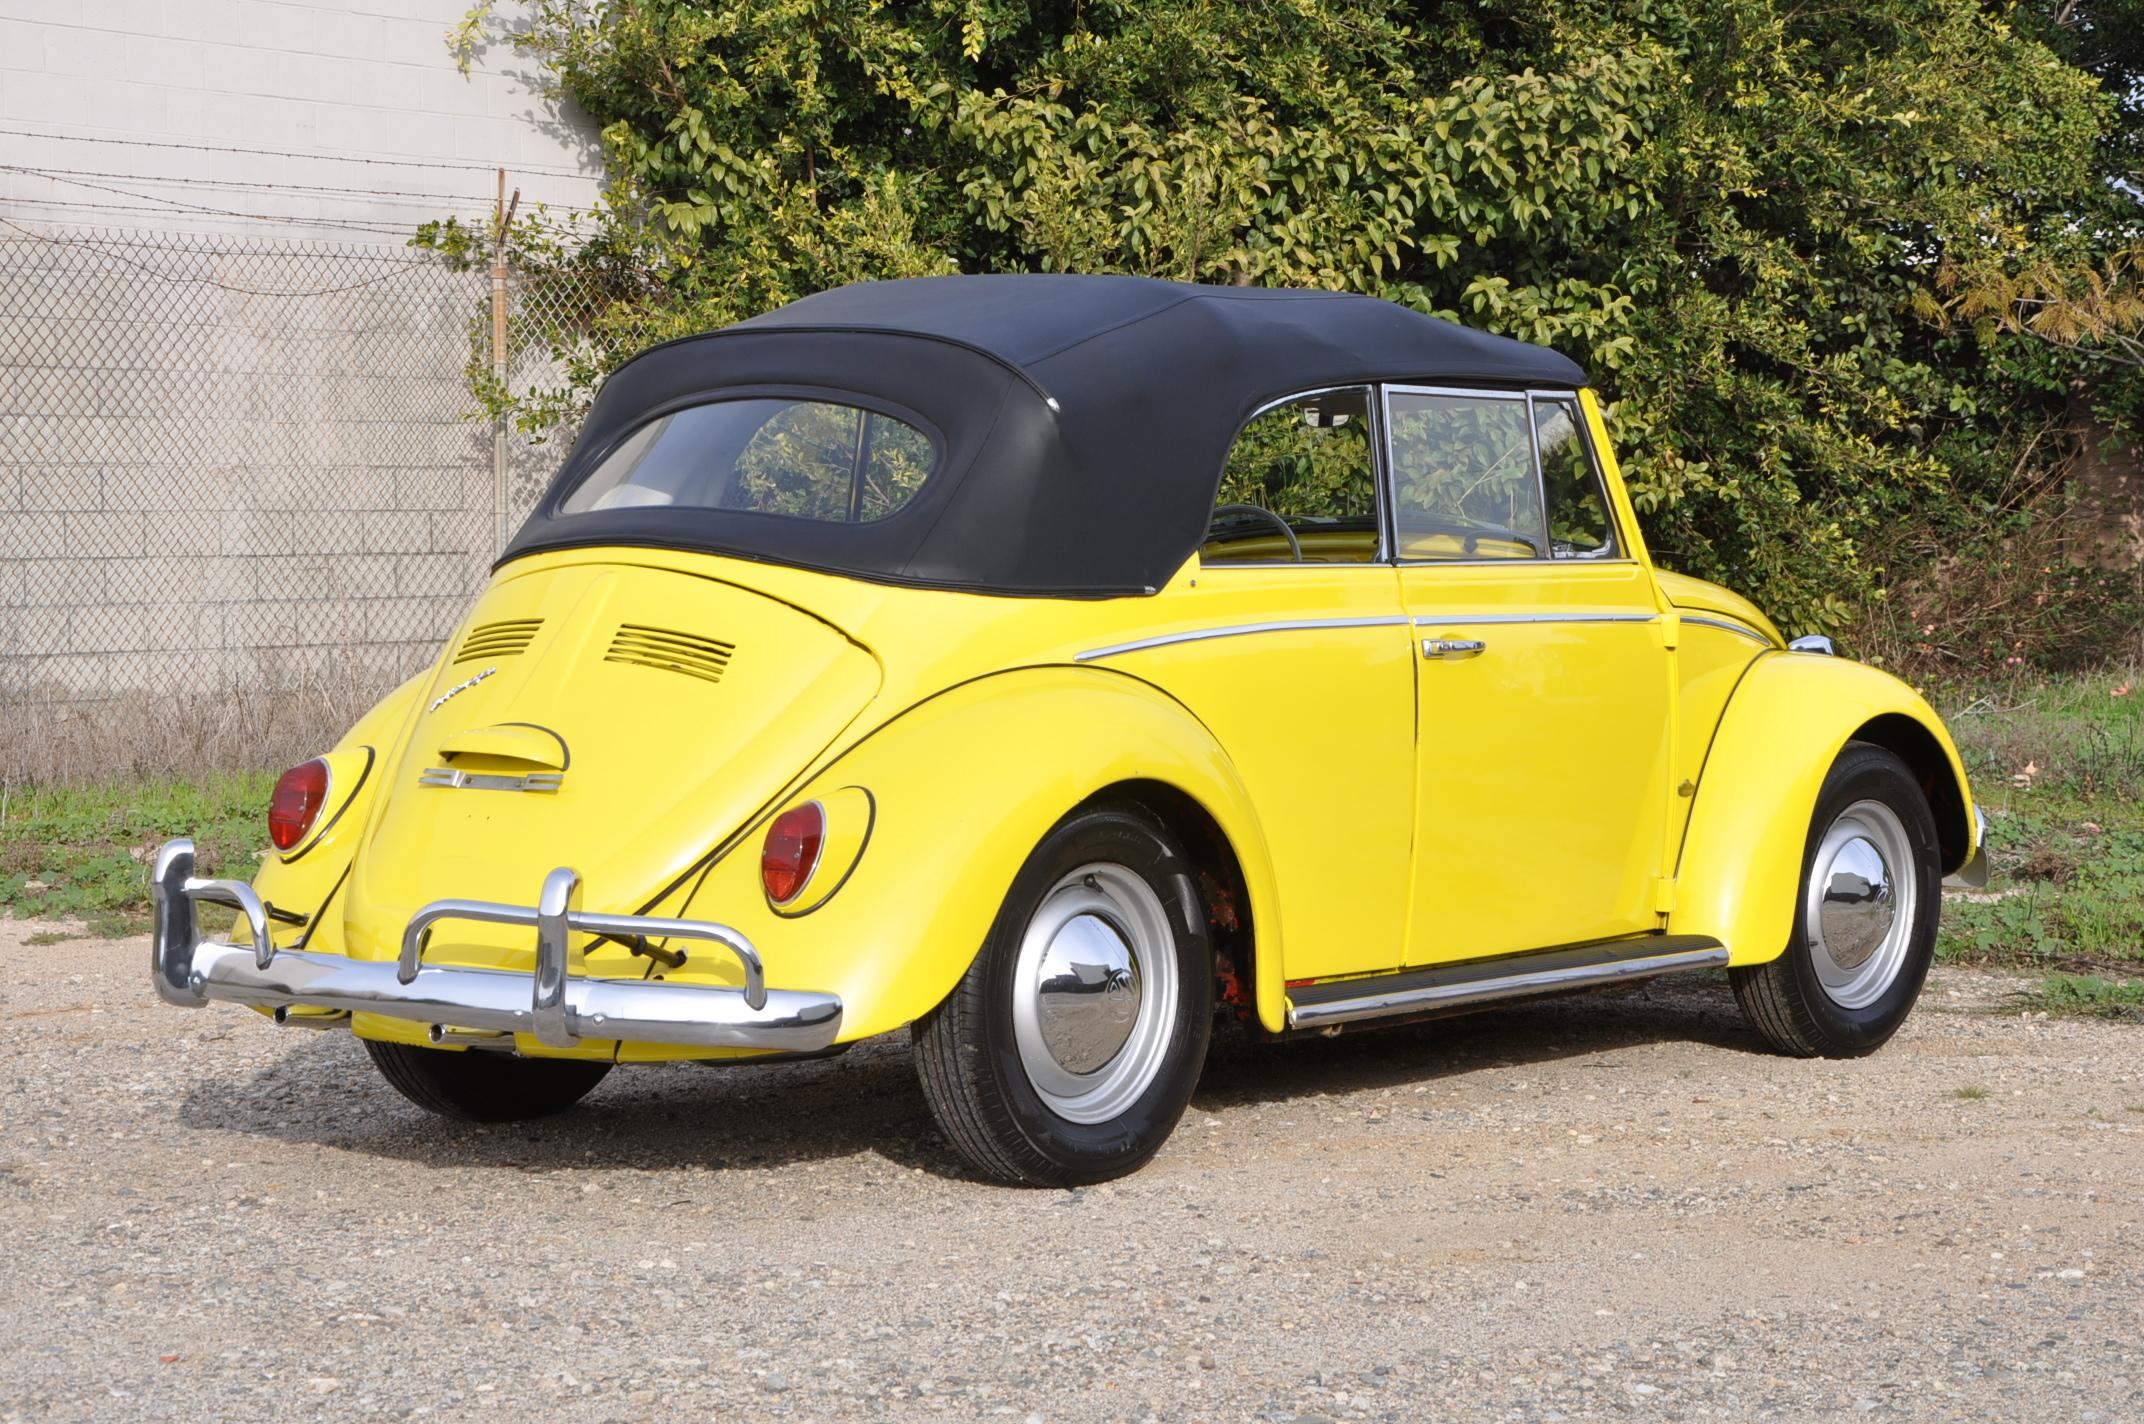 1965 Volkswagen Beetle | European Collectibles